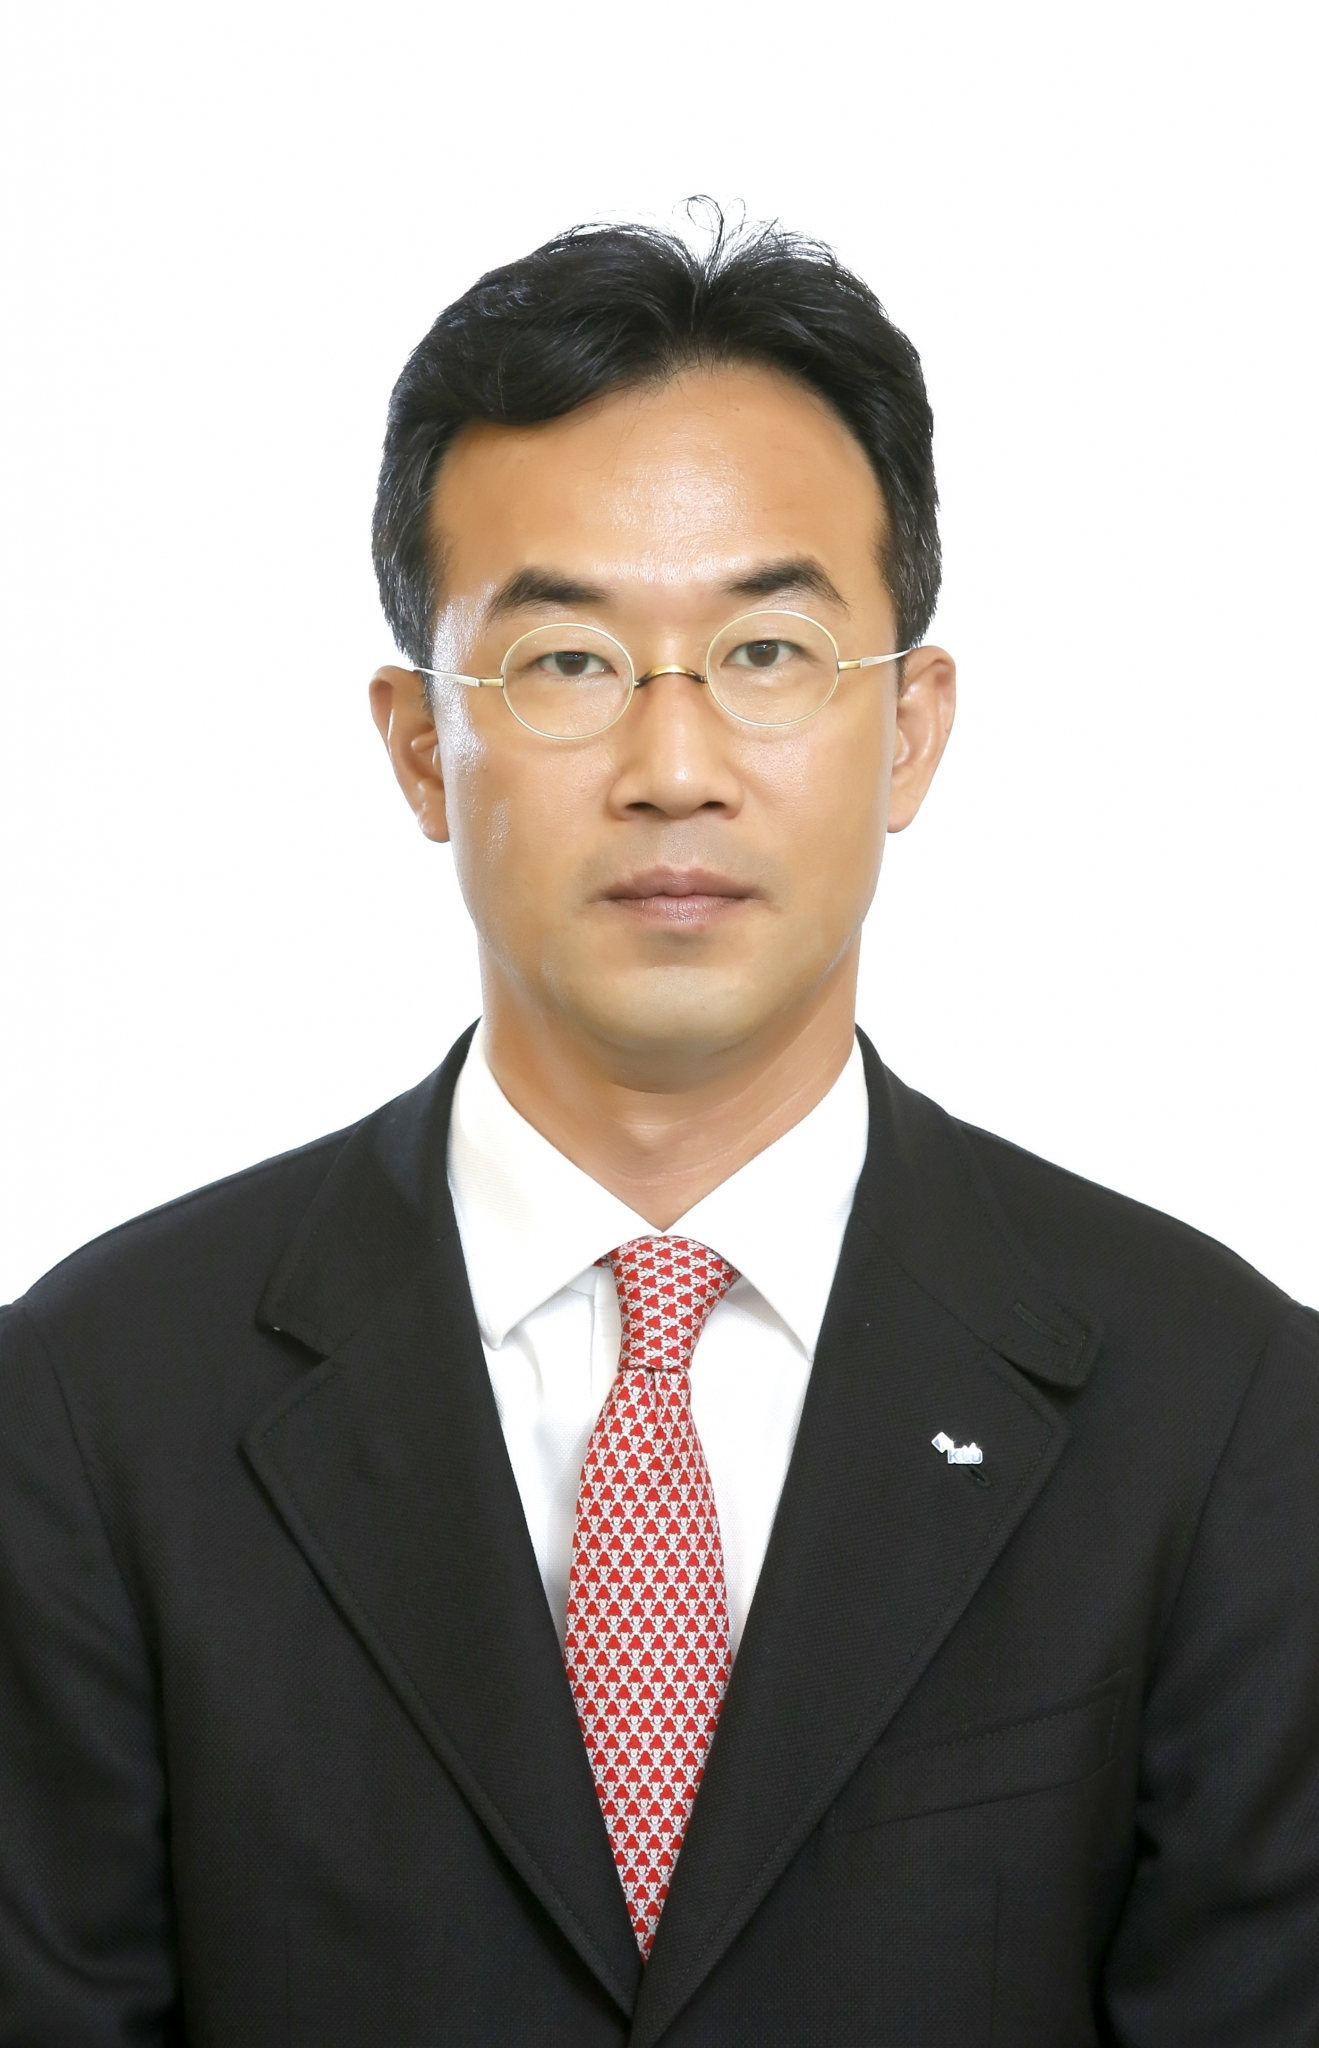 이병철 KTB투자증권 부회장. /사진=KTB투자증권